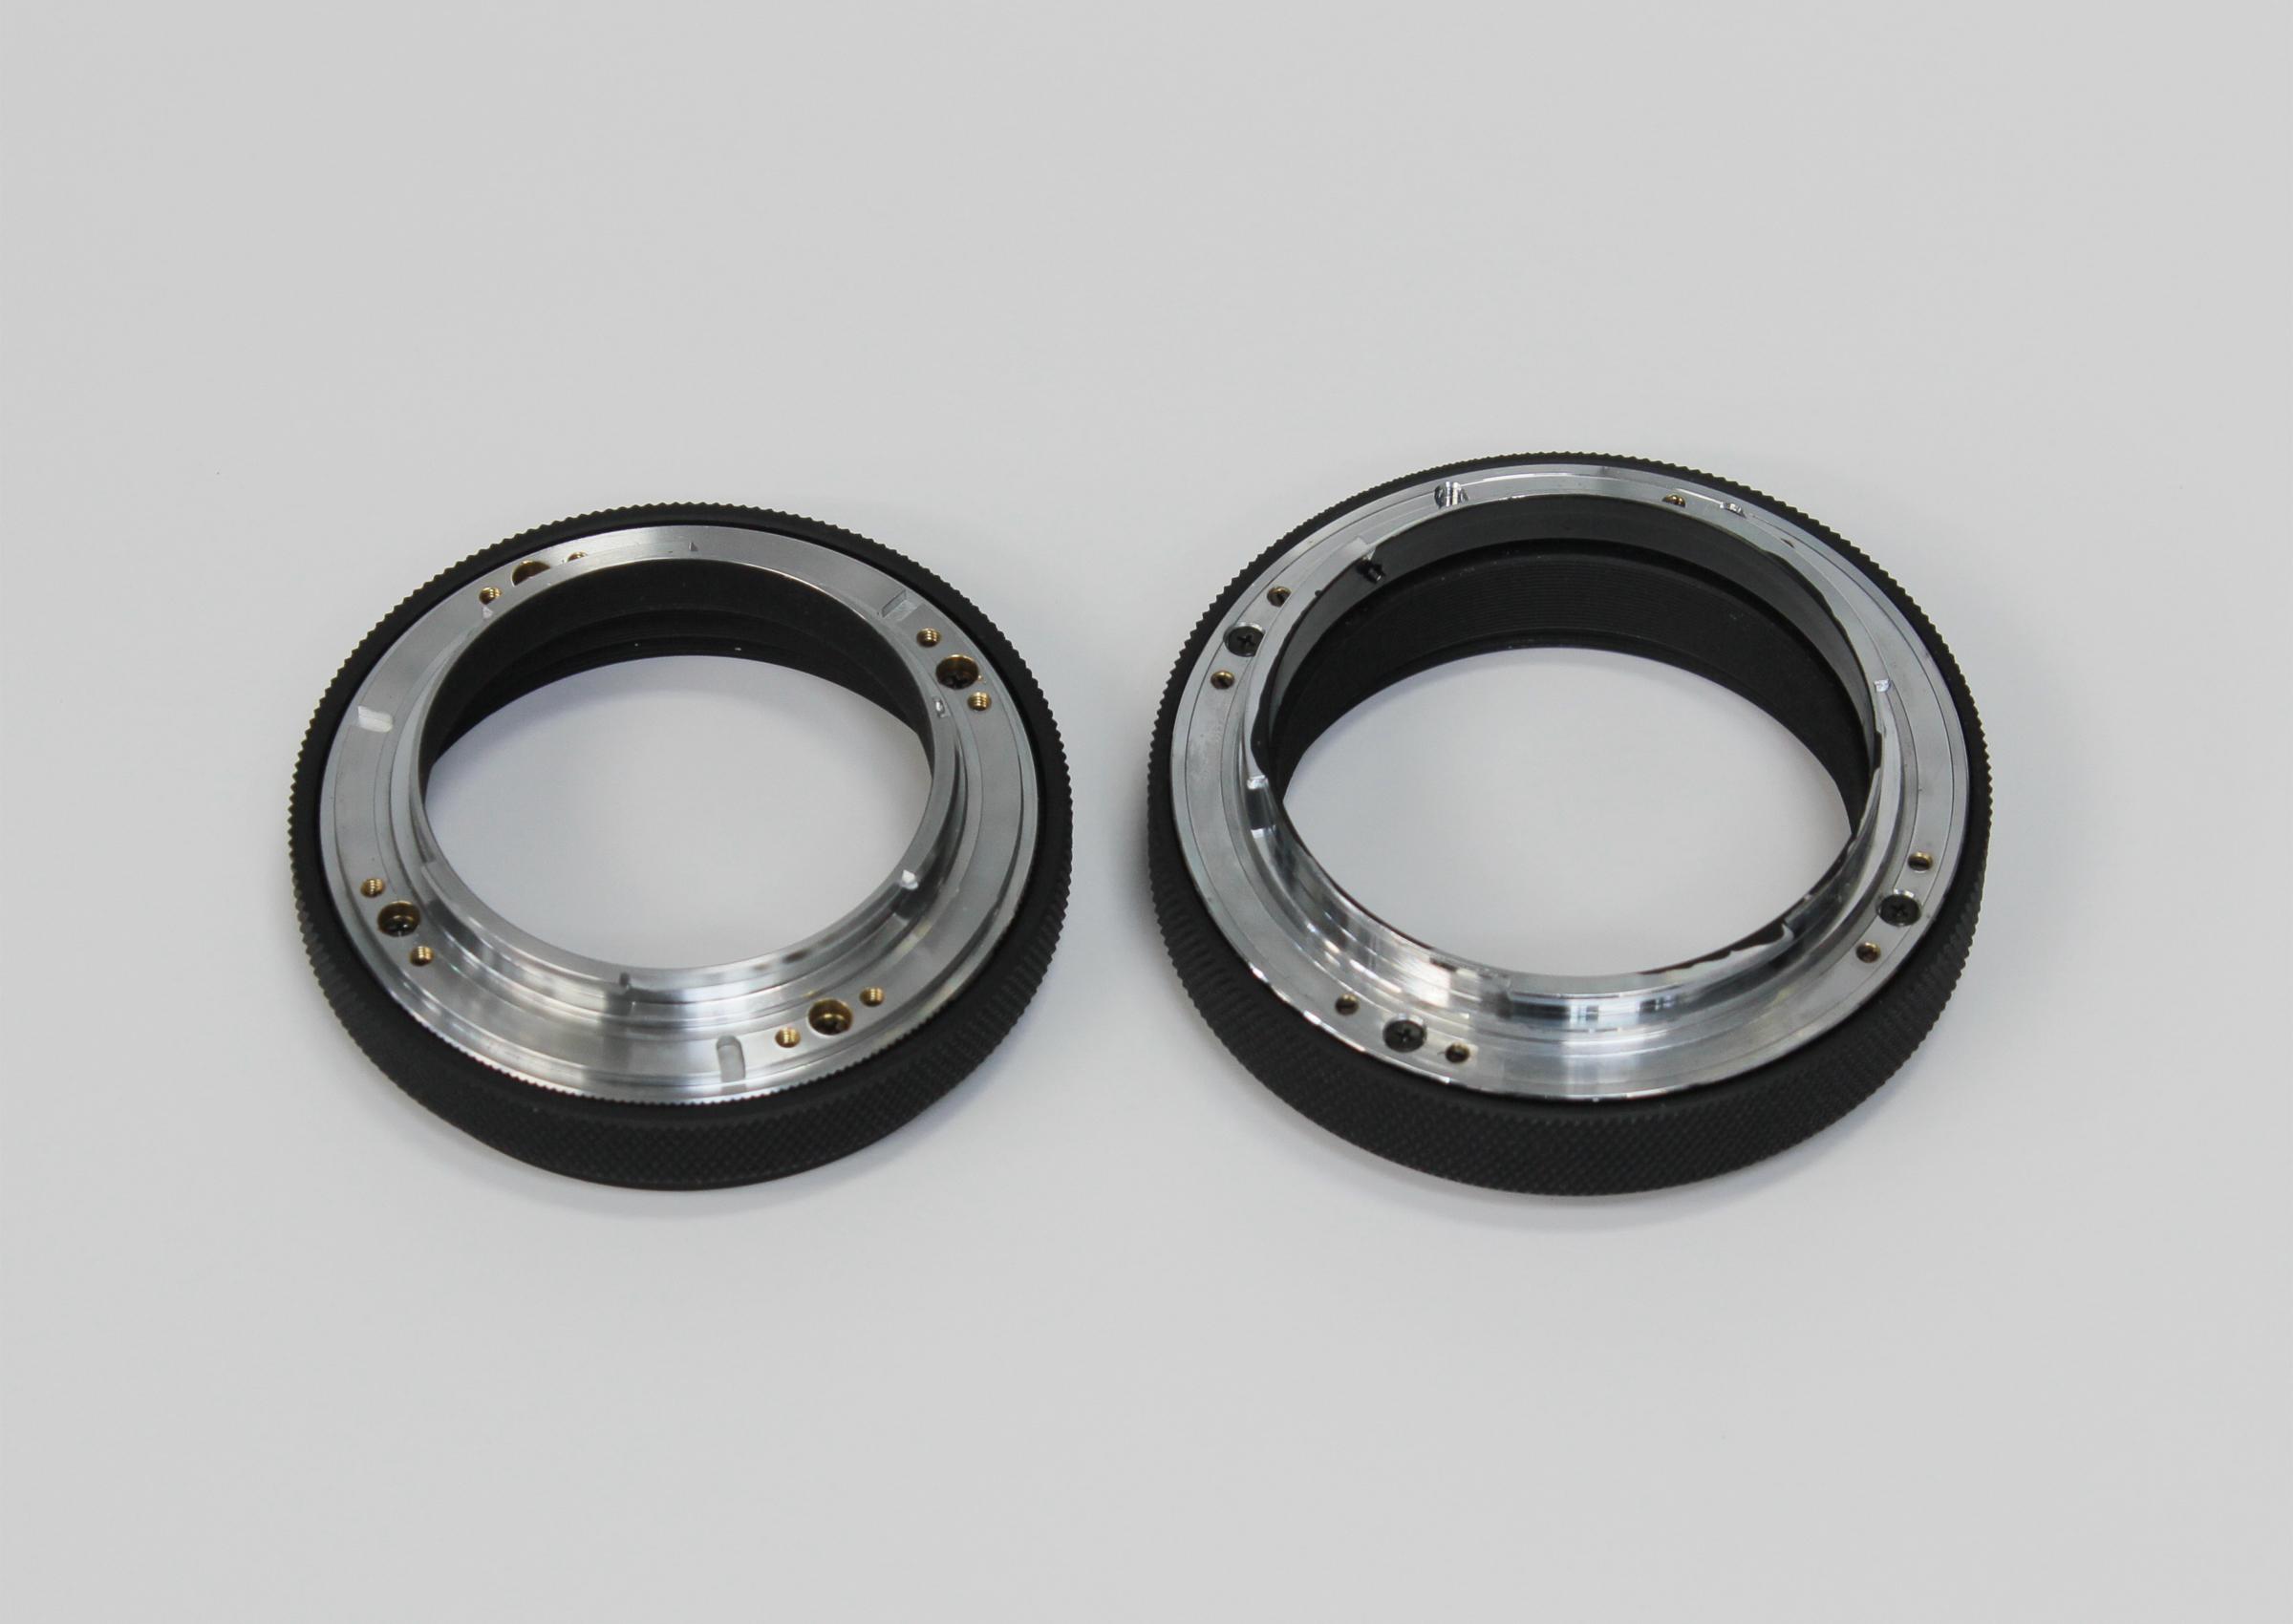 【新品】強化型カメラマウント(FS-60CB等用)